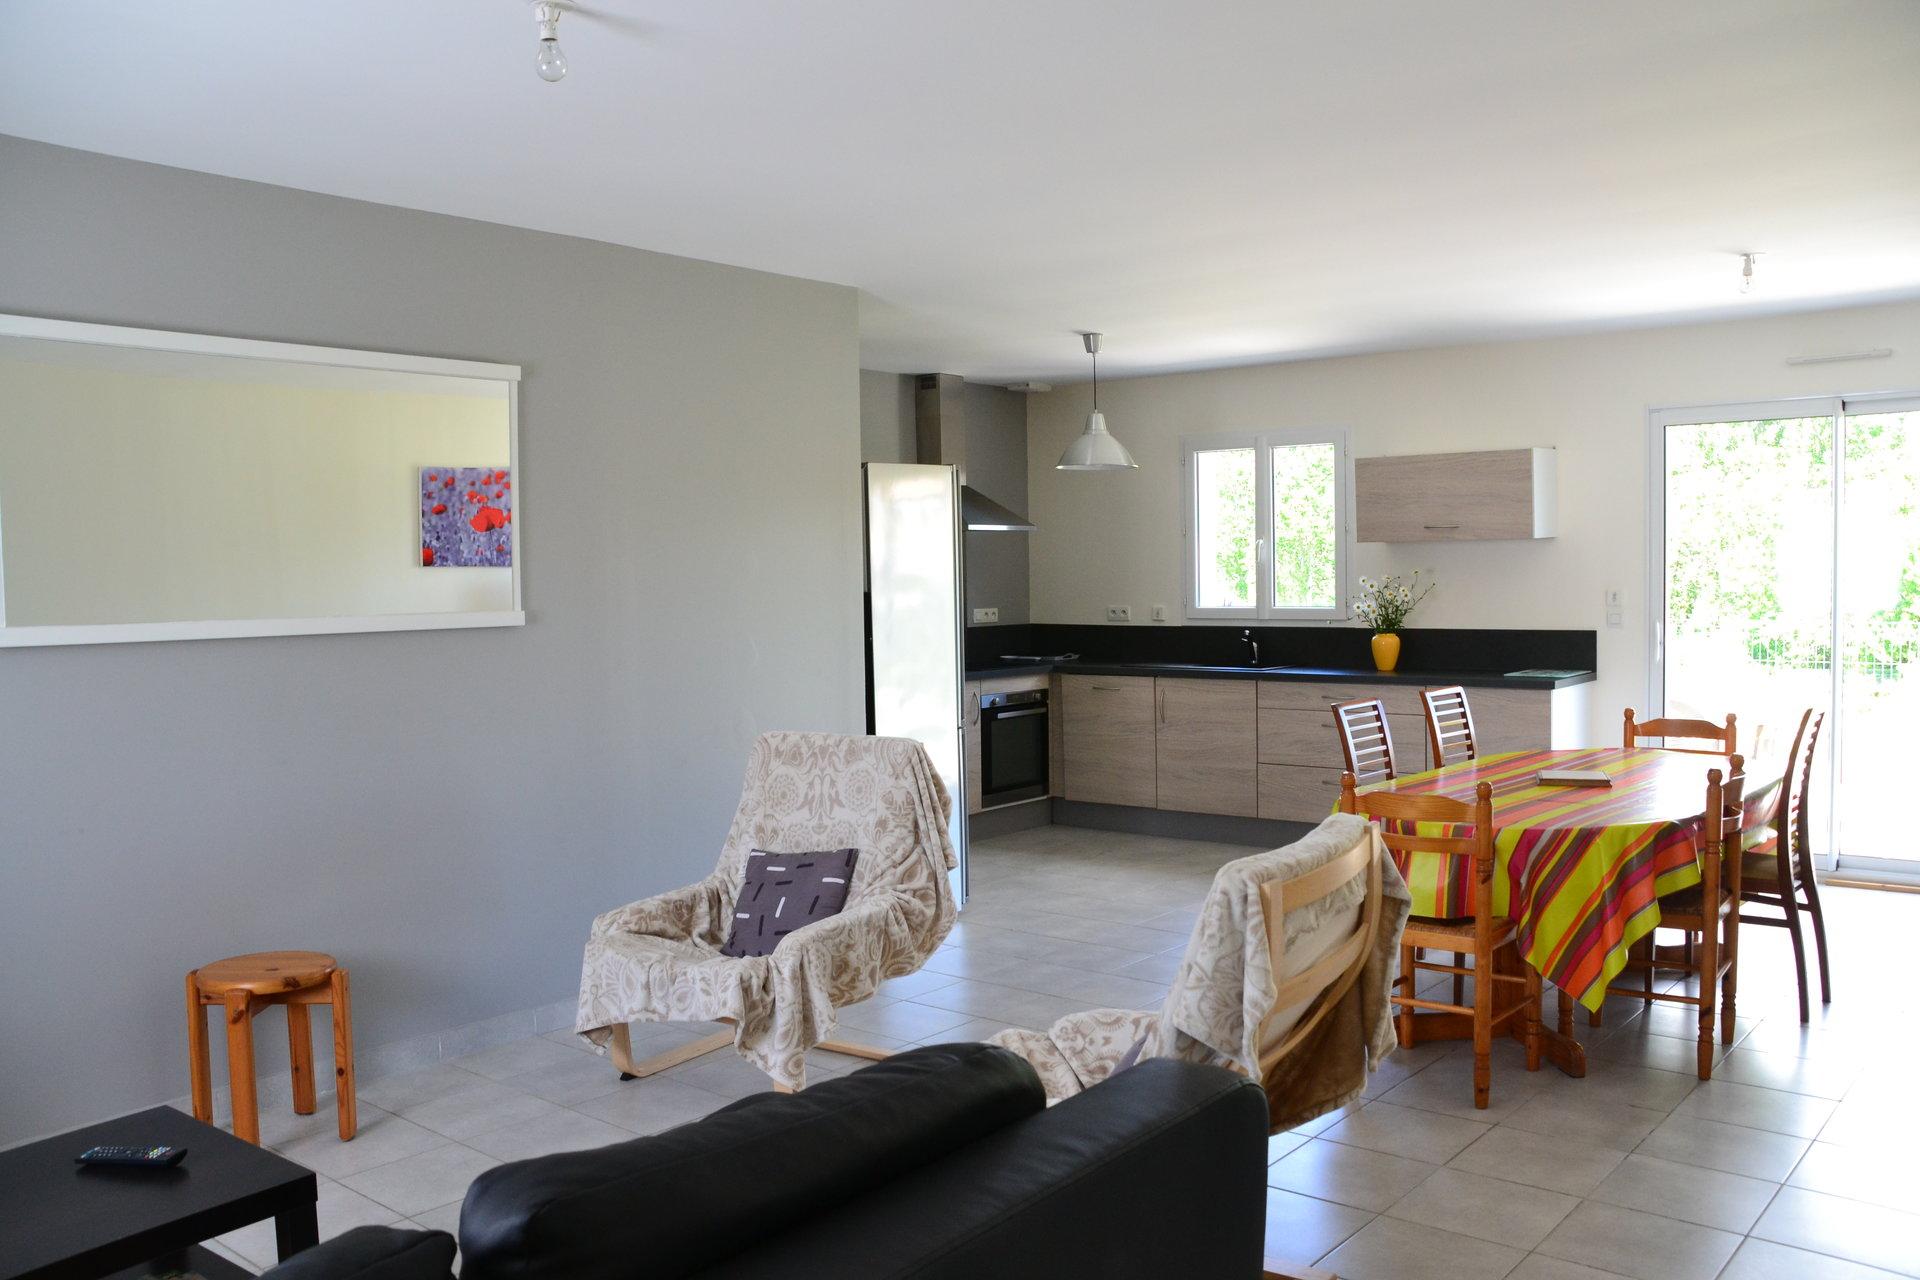 Villa récente de plain-pied offrant 3 chambres